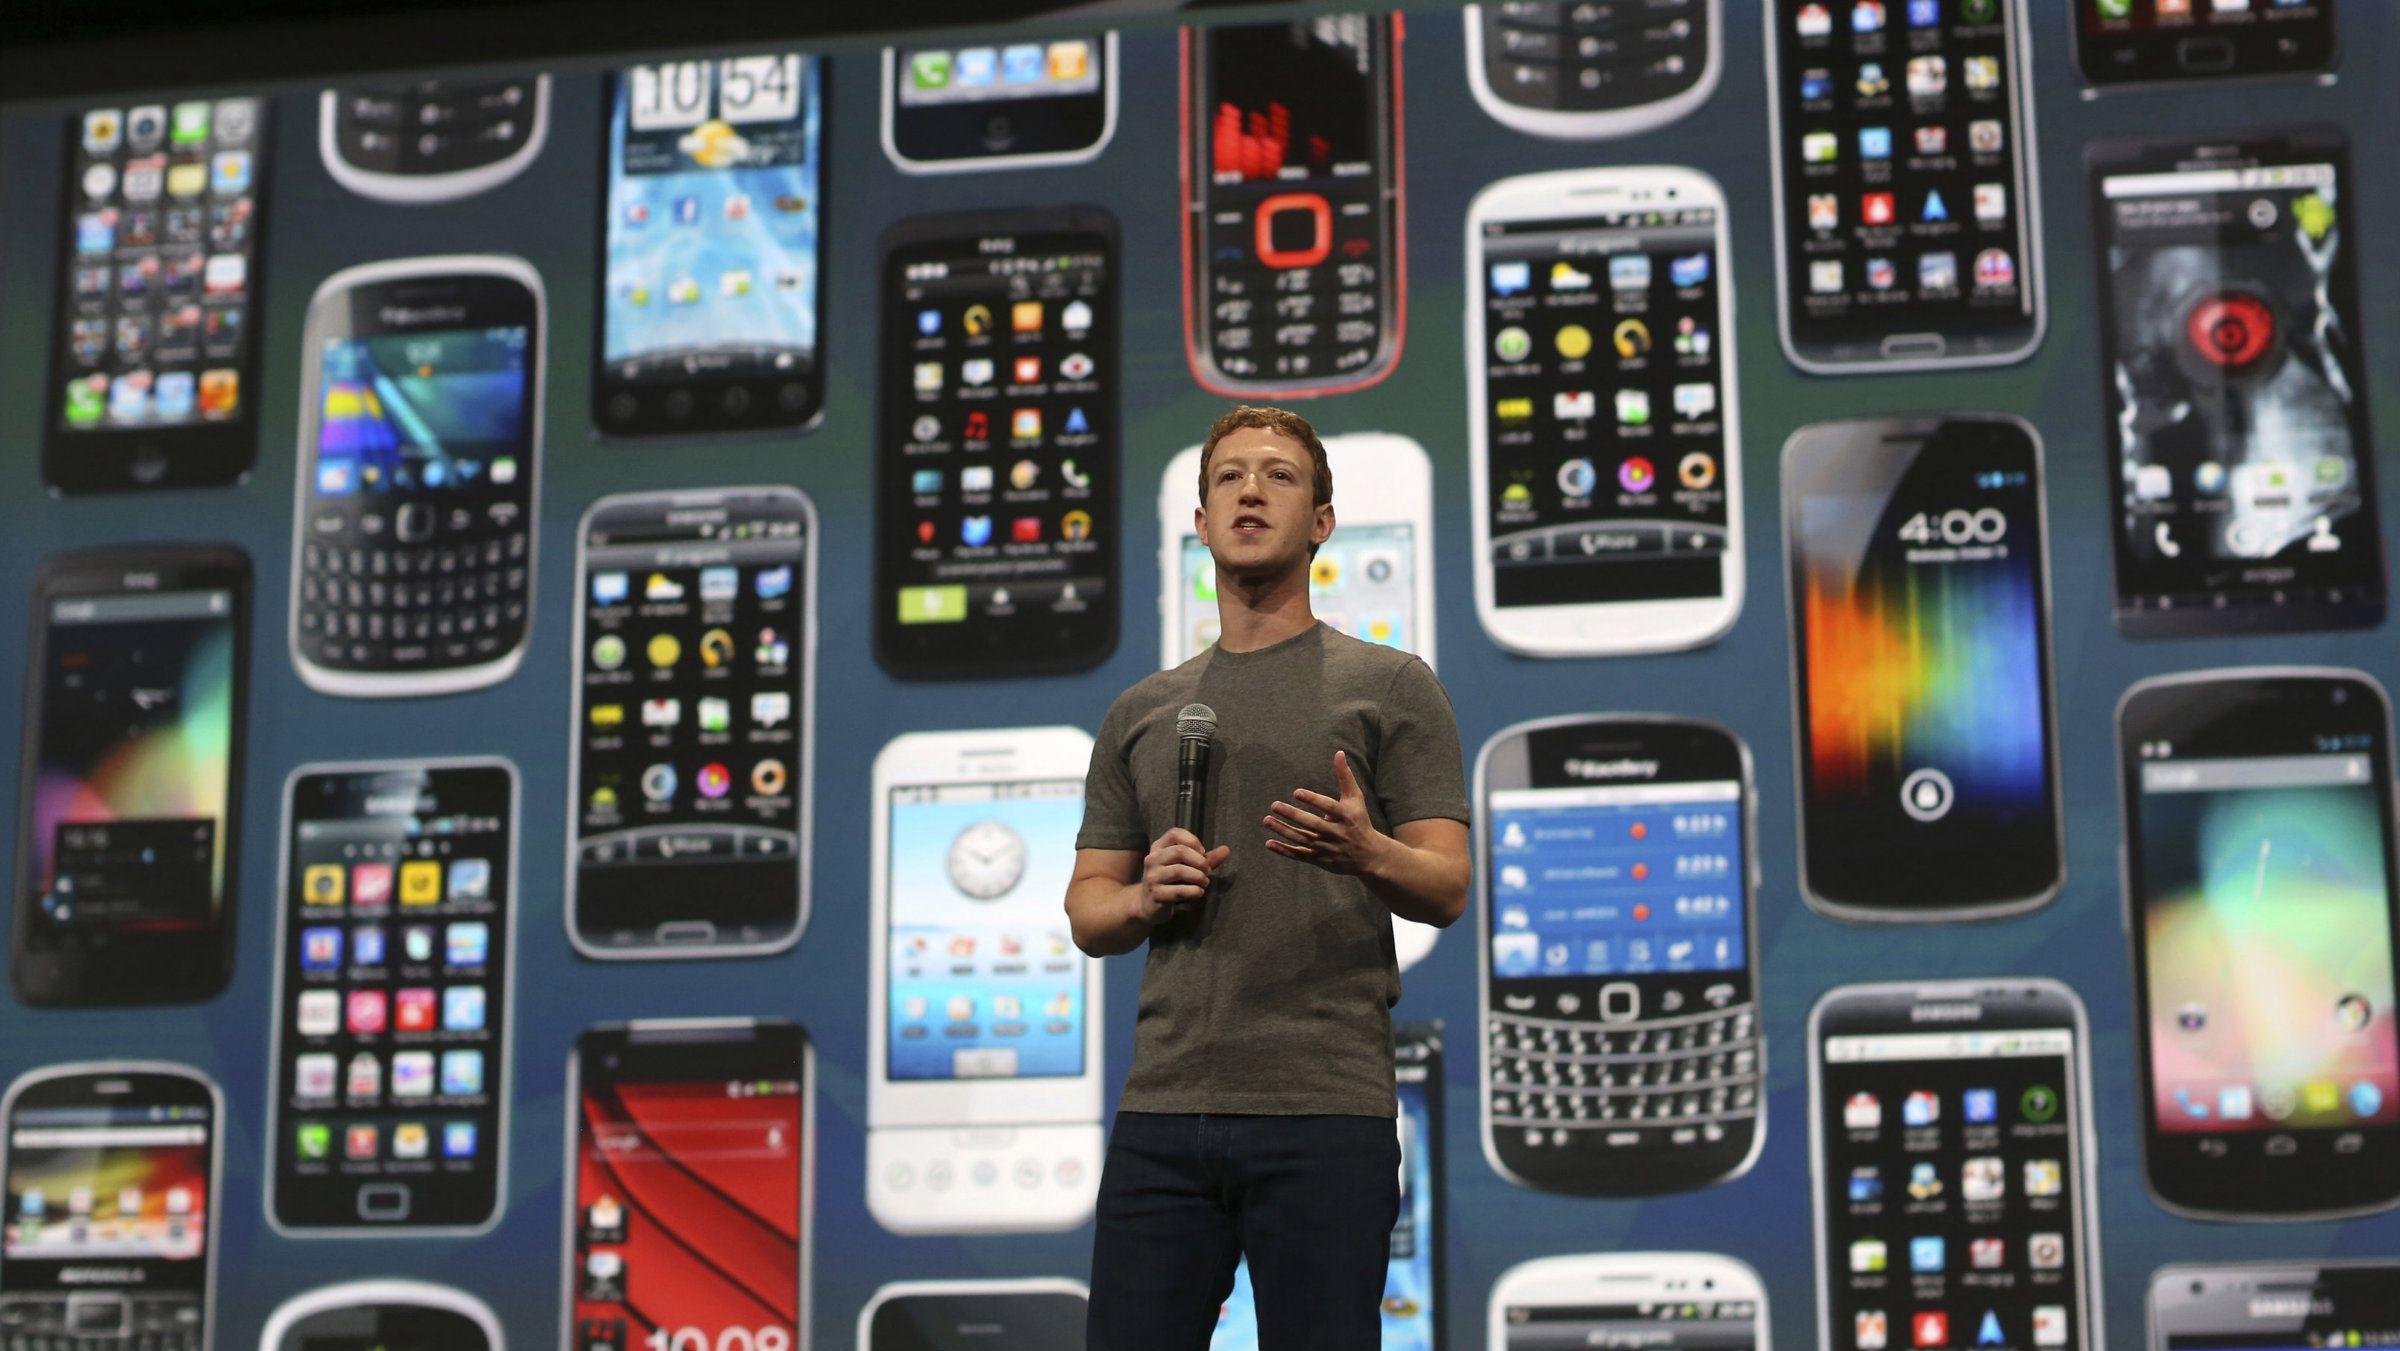 zuckerberg-phones